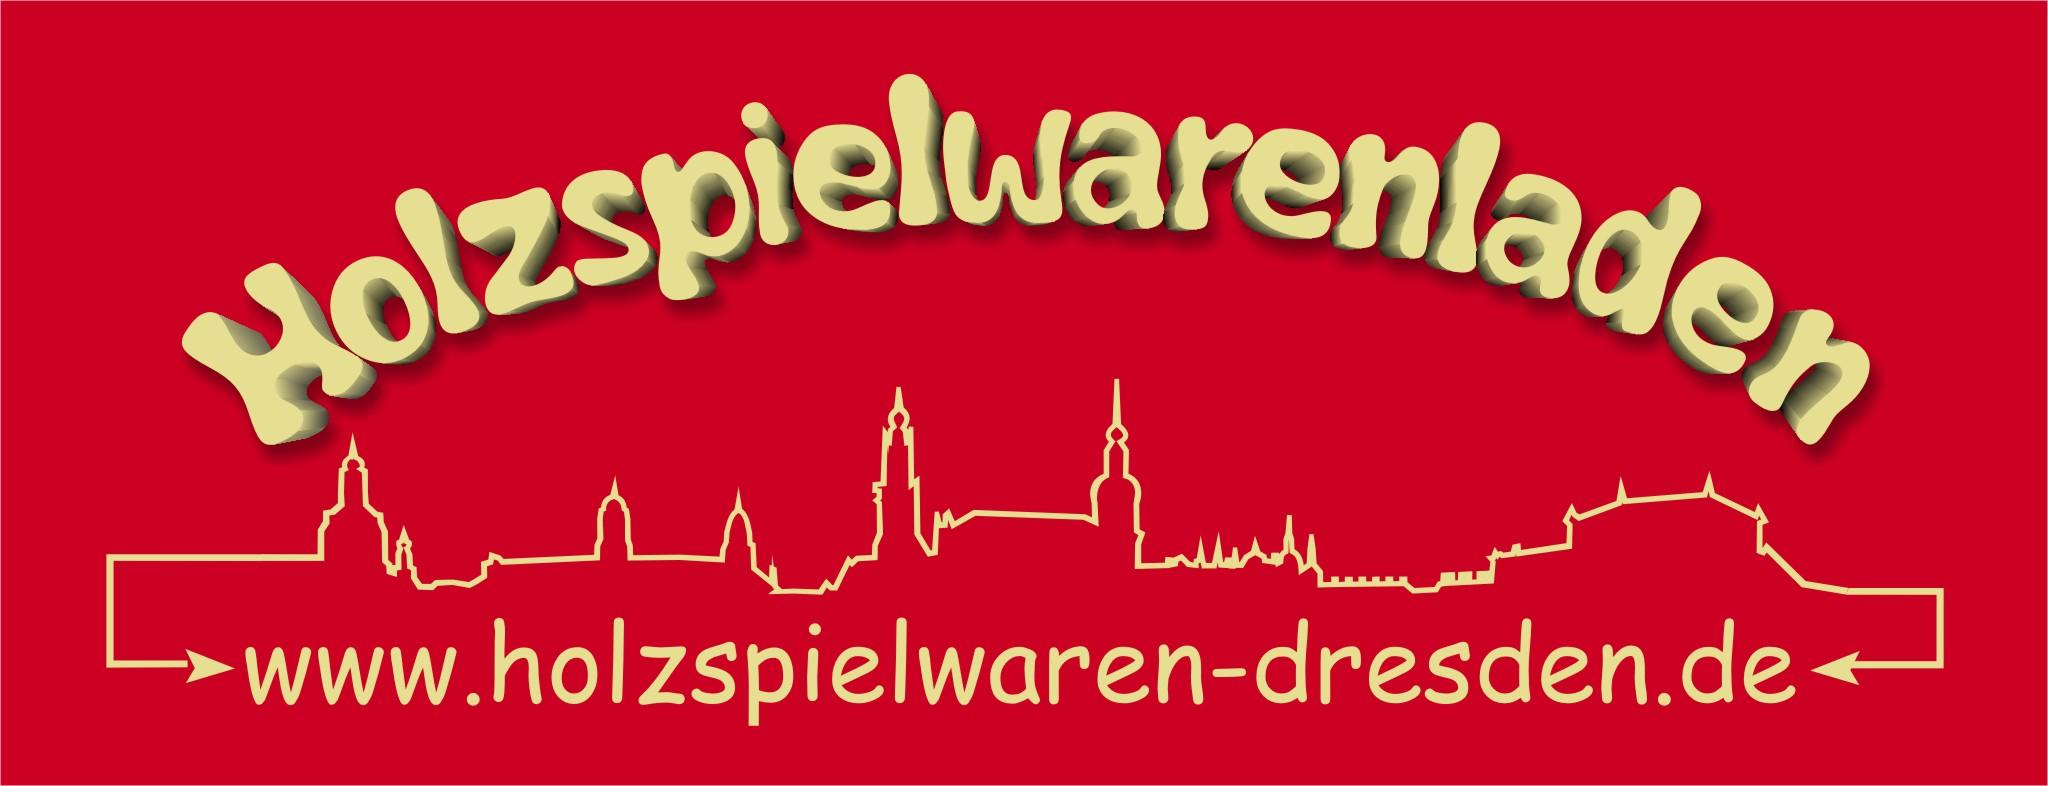 Holzspielwaren-Dresden